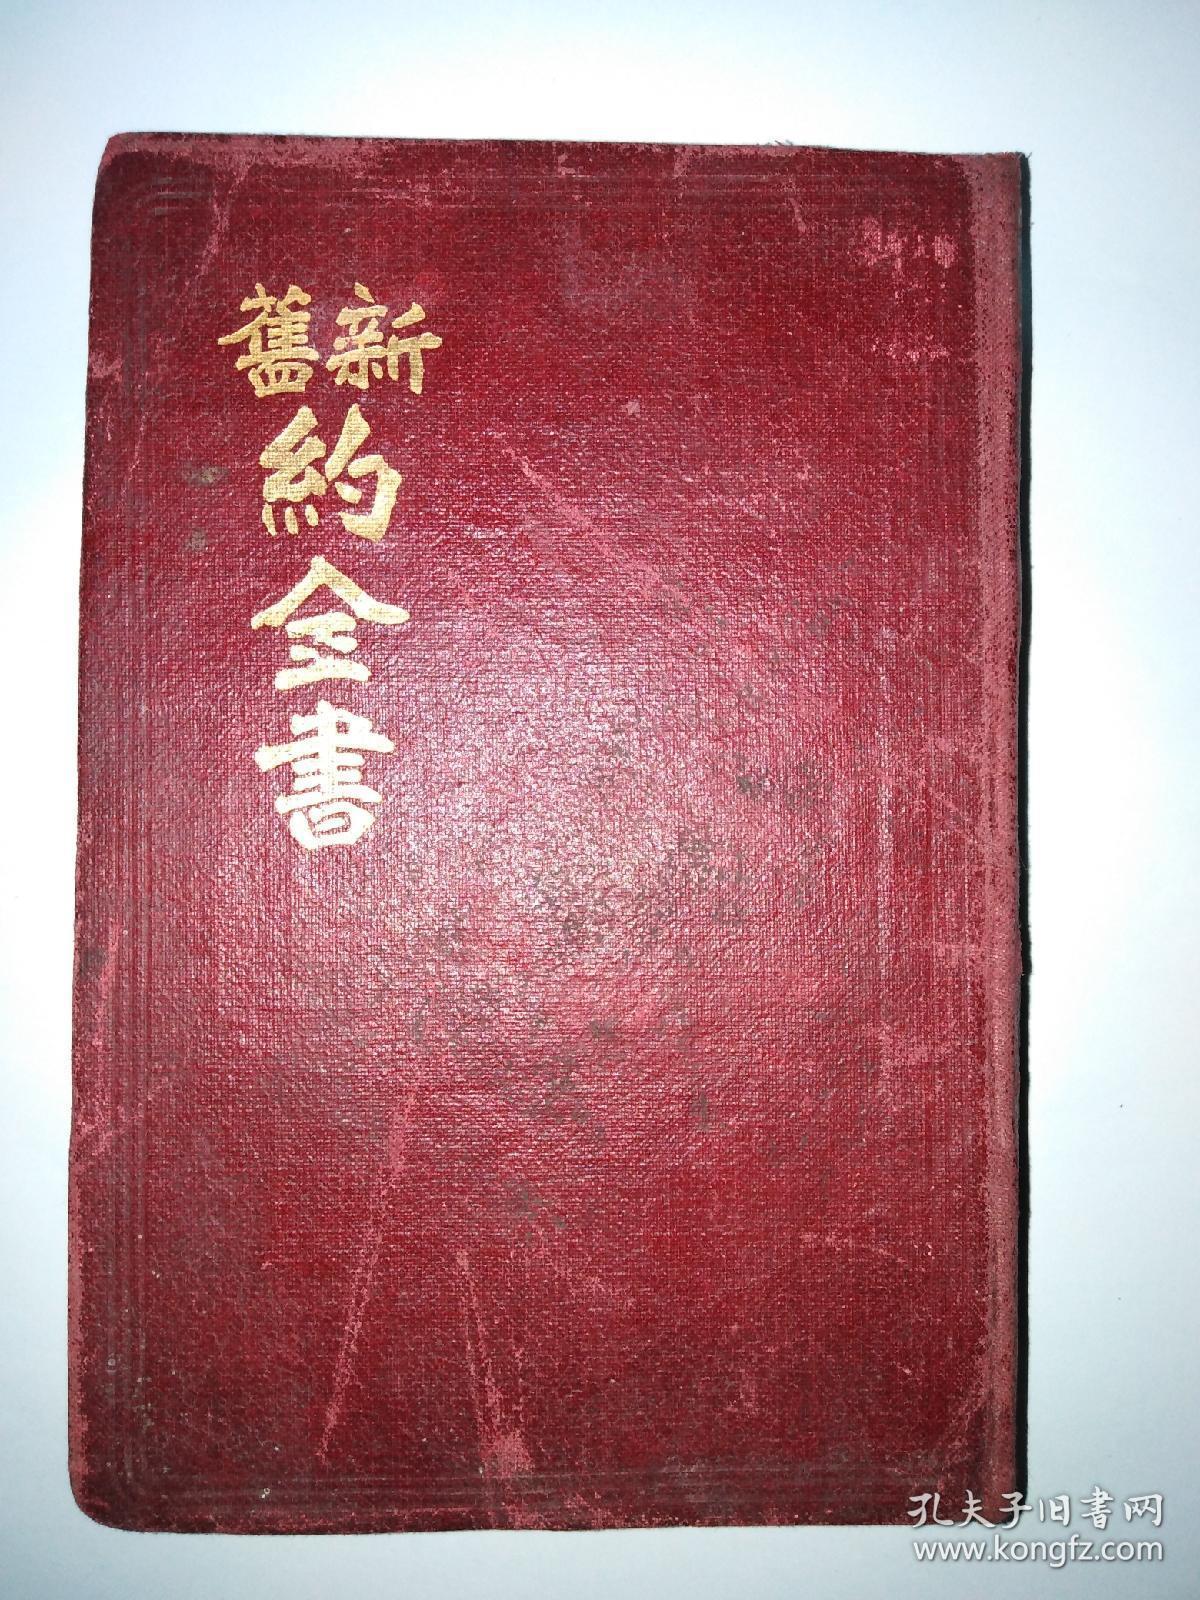 1938年新旧约全书